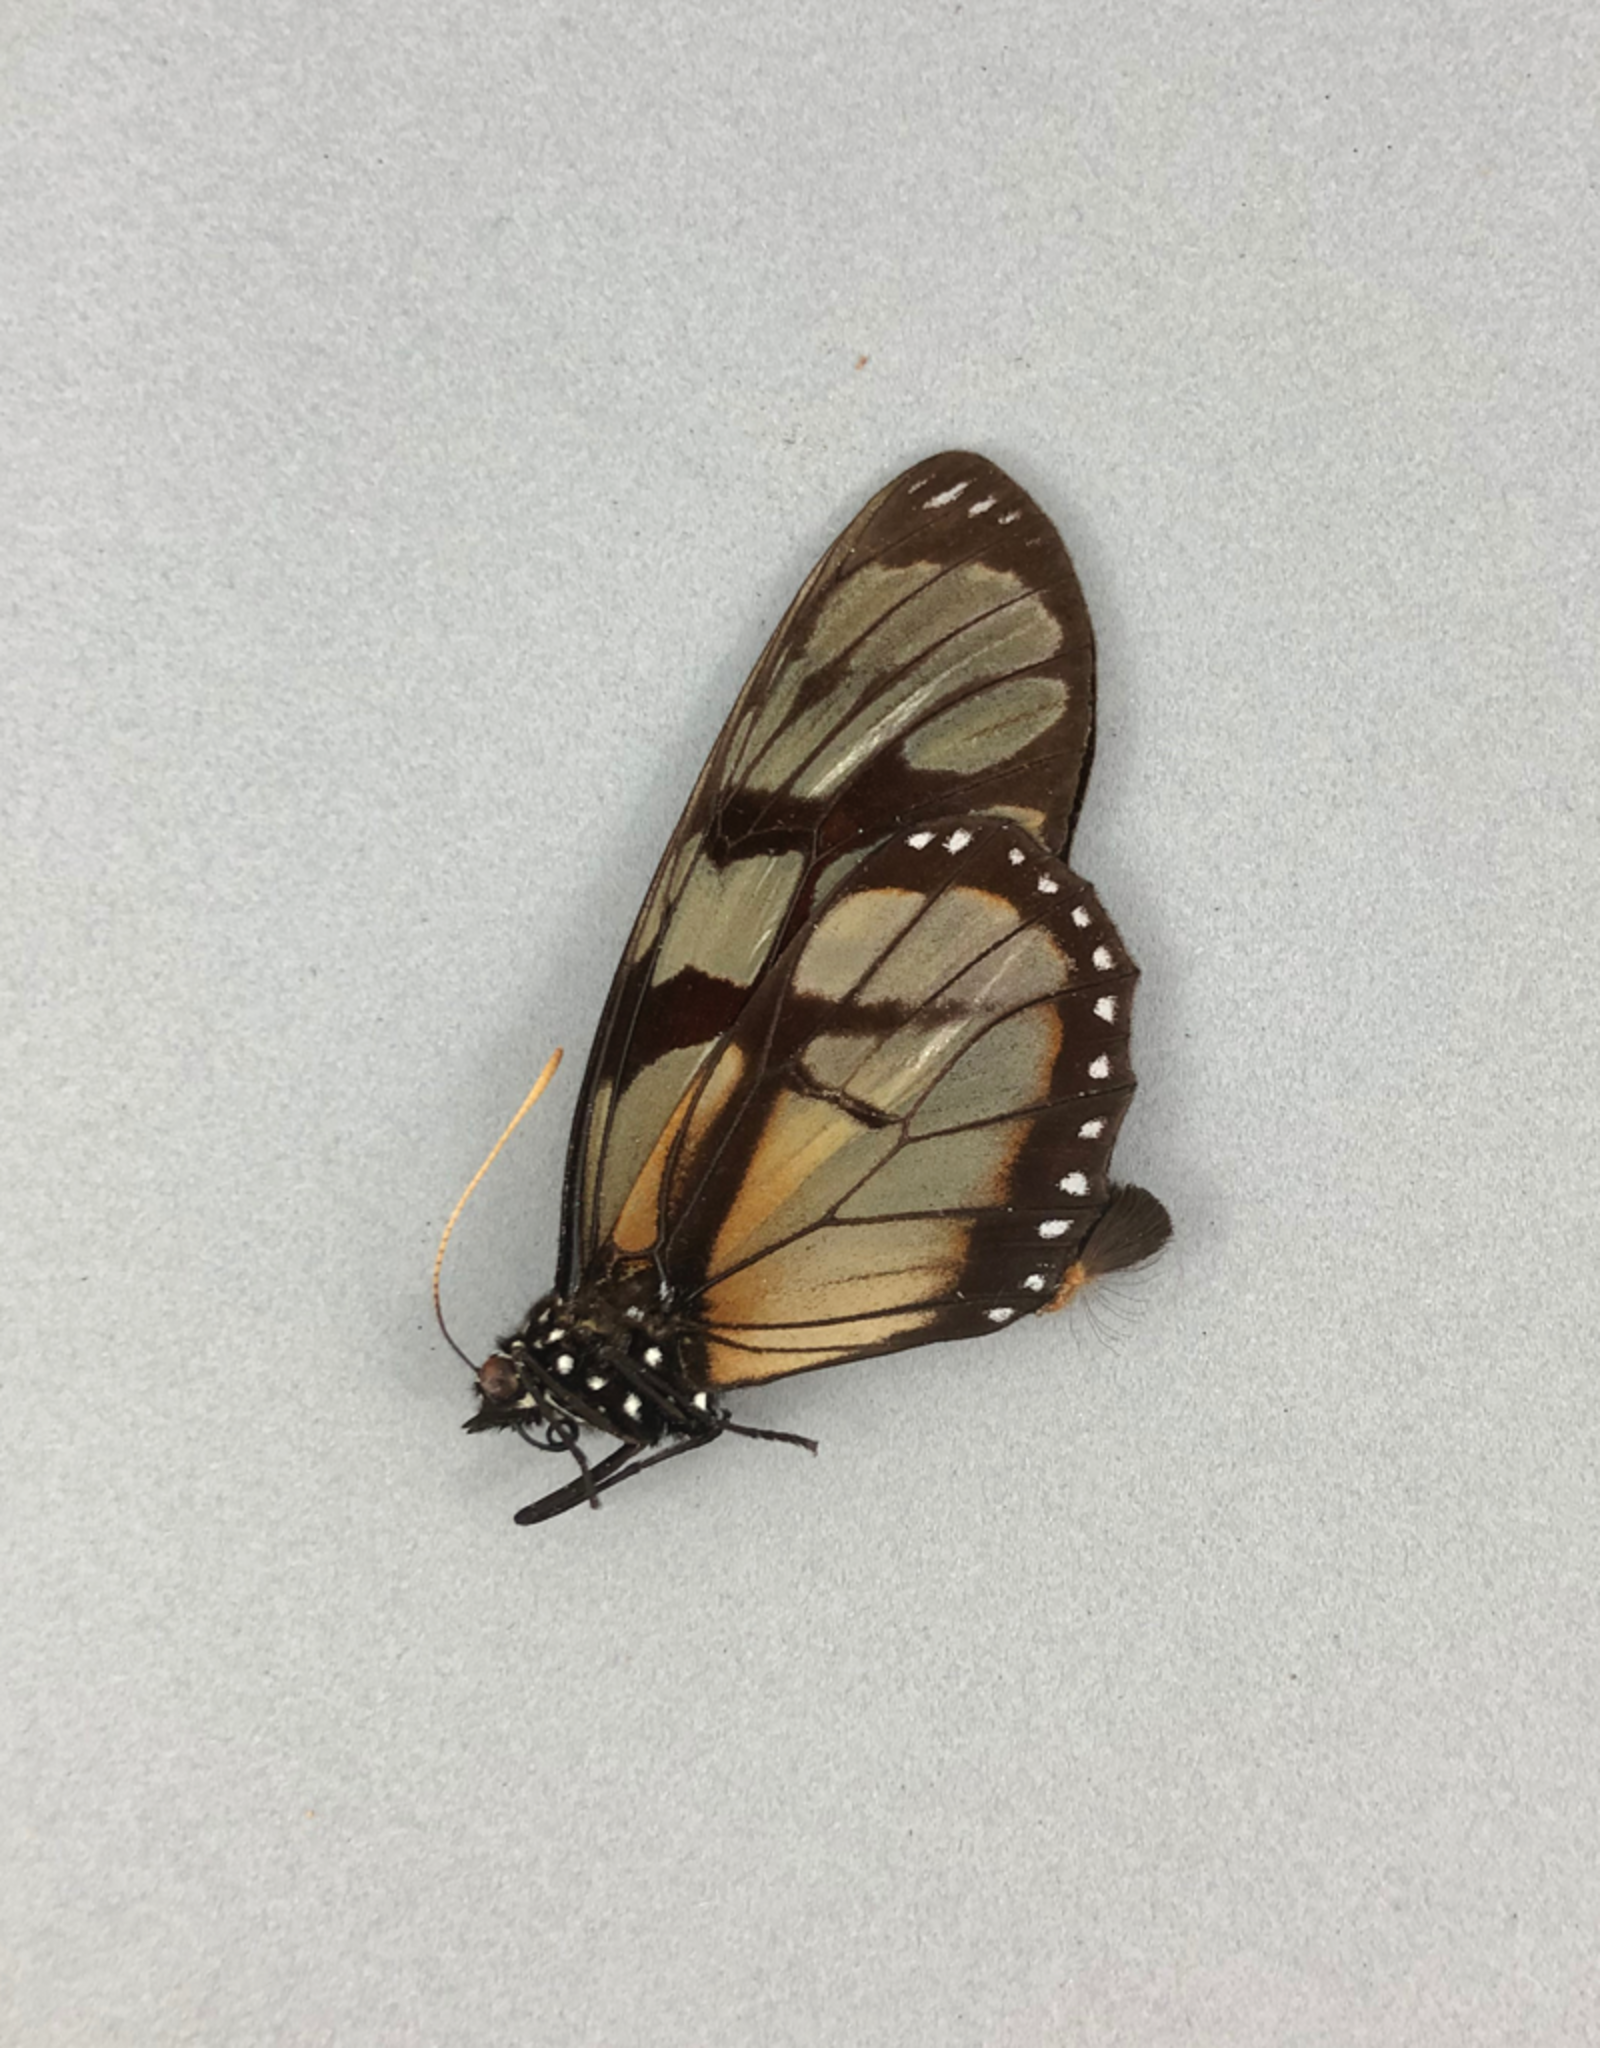 Ituna ilione lamira f. decolorata M A1 Peru